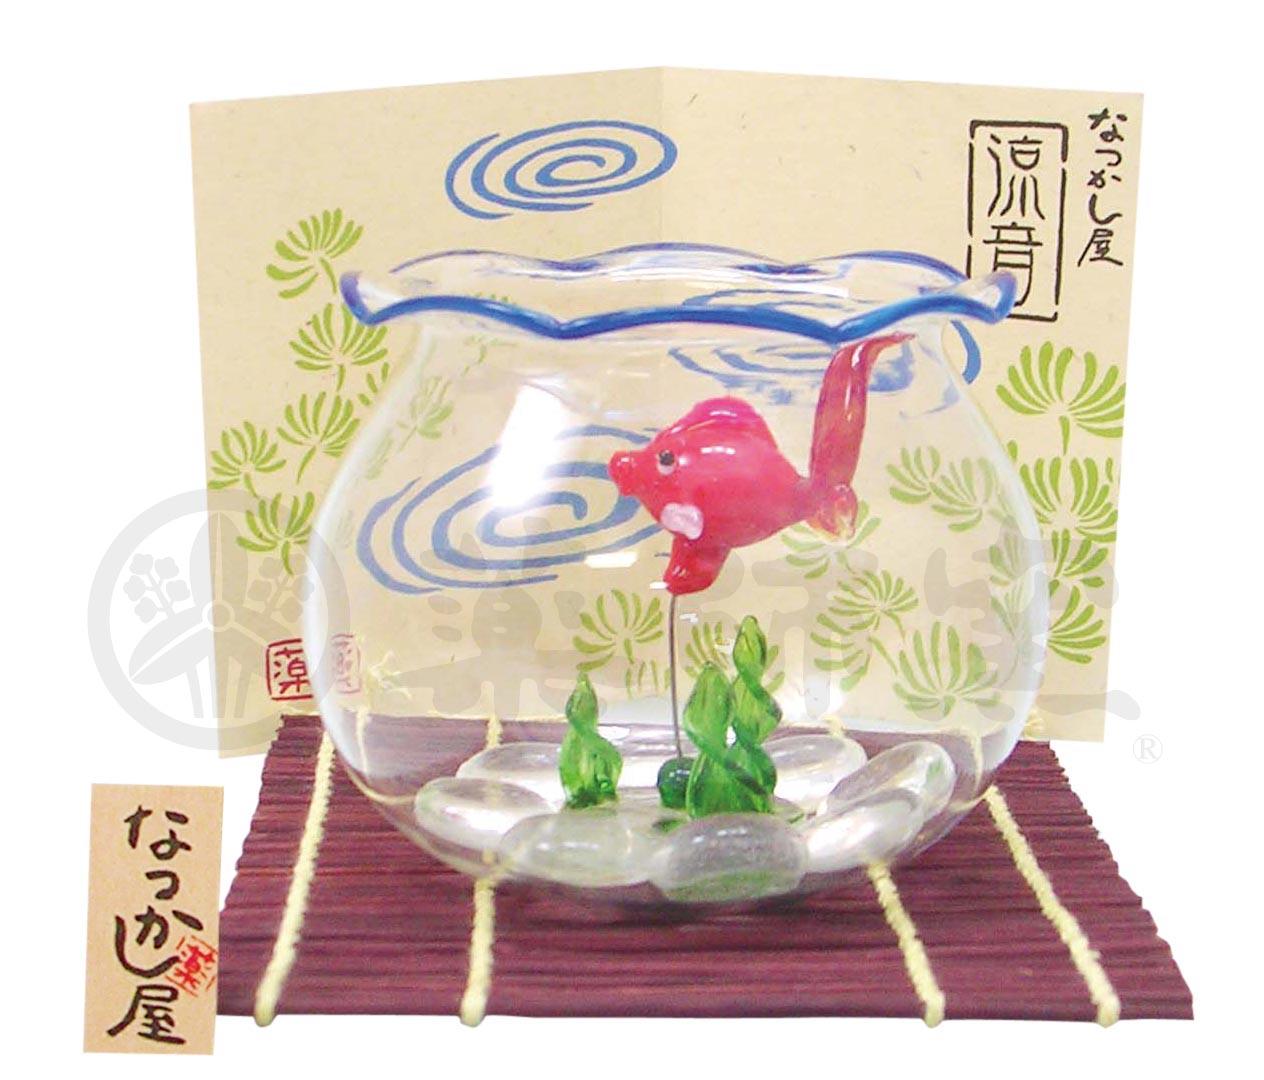 9962金魚鉢(大・ガラス金魚付)